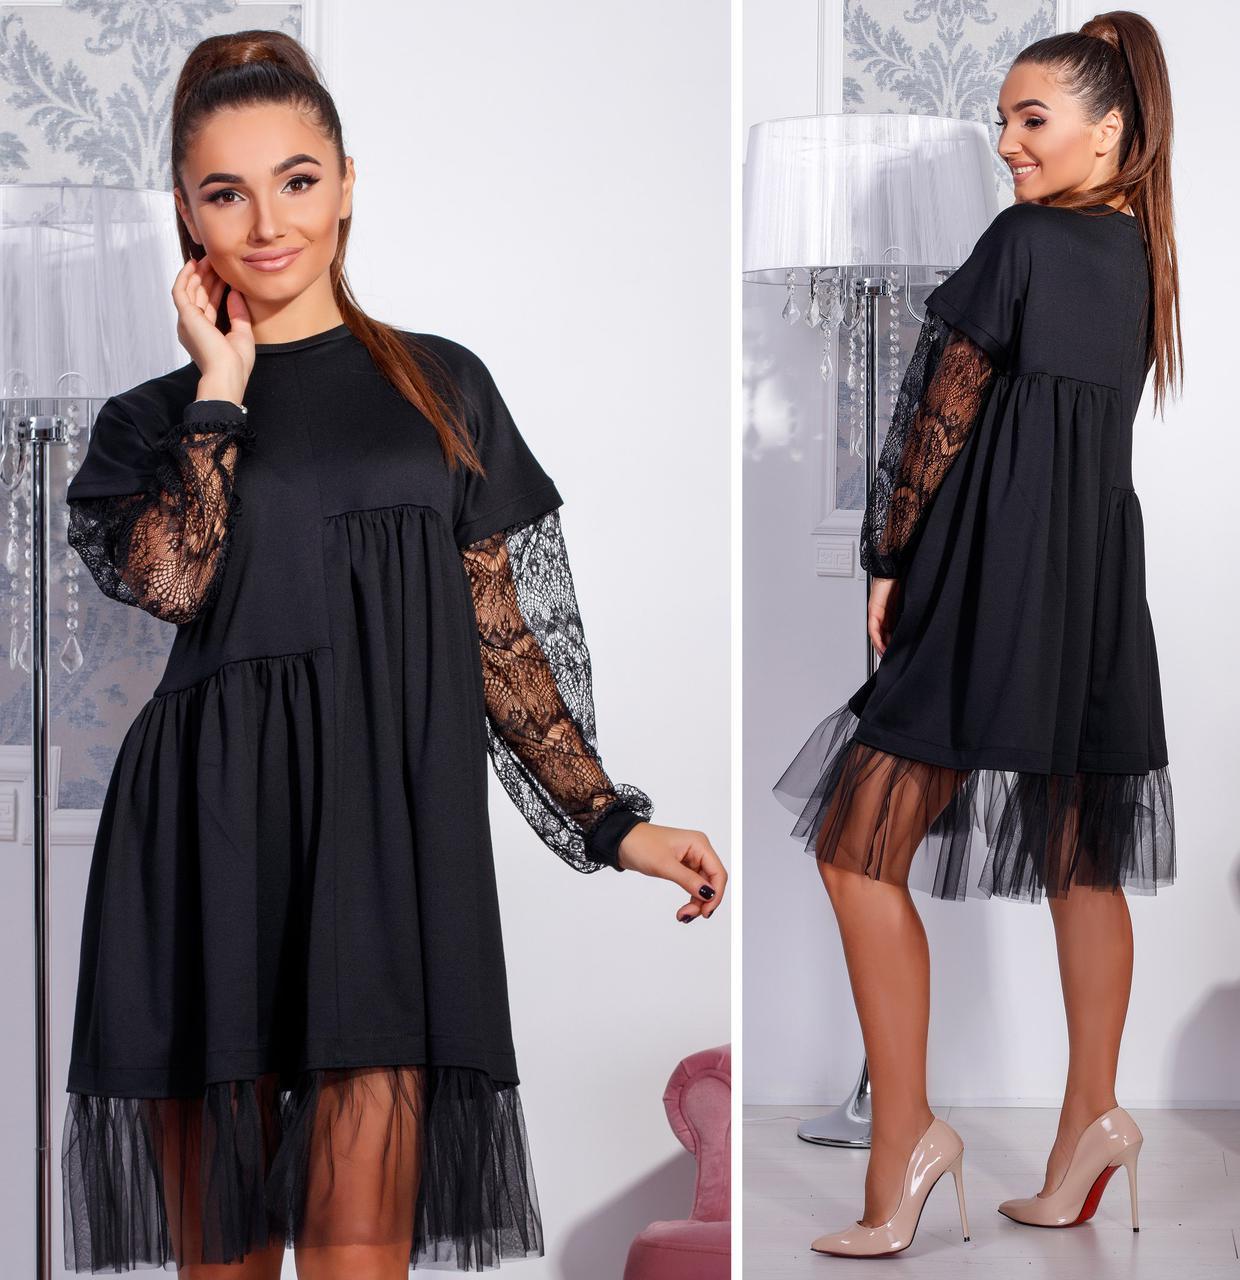 f888135c598 Черное нарядное платье-разлетайка с гипюровыми рукавами. Арт-2664 39 ...